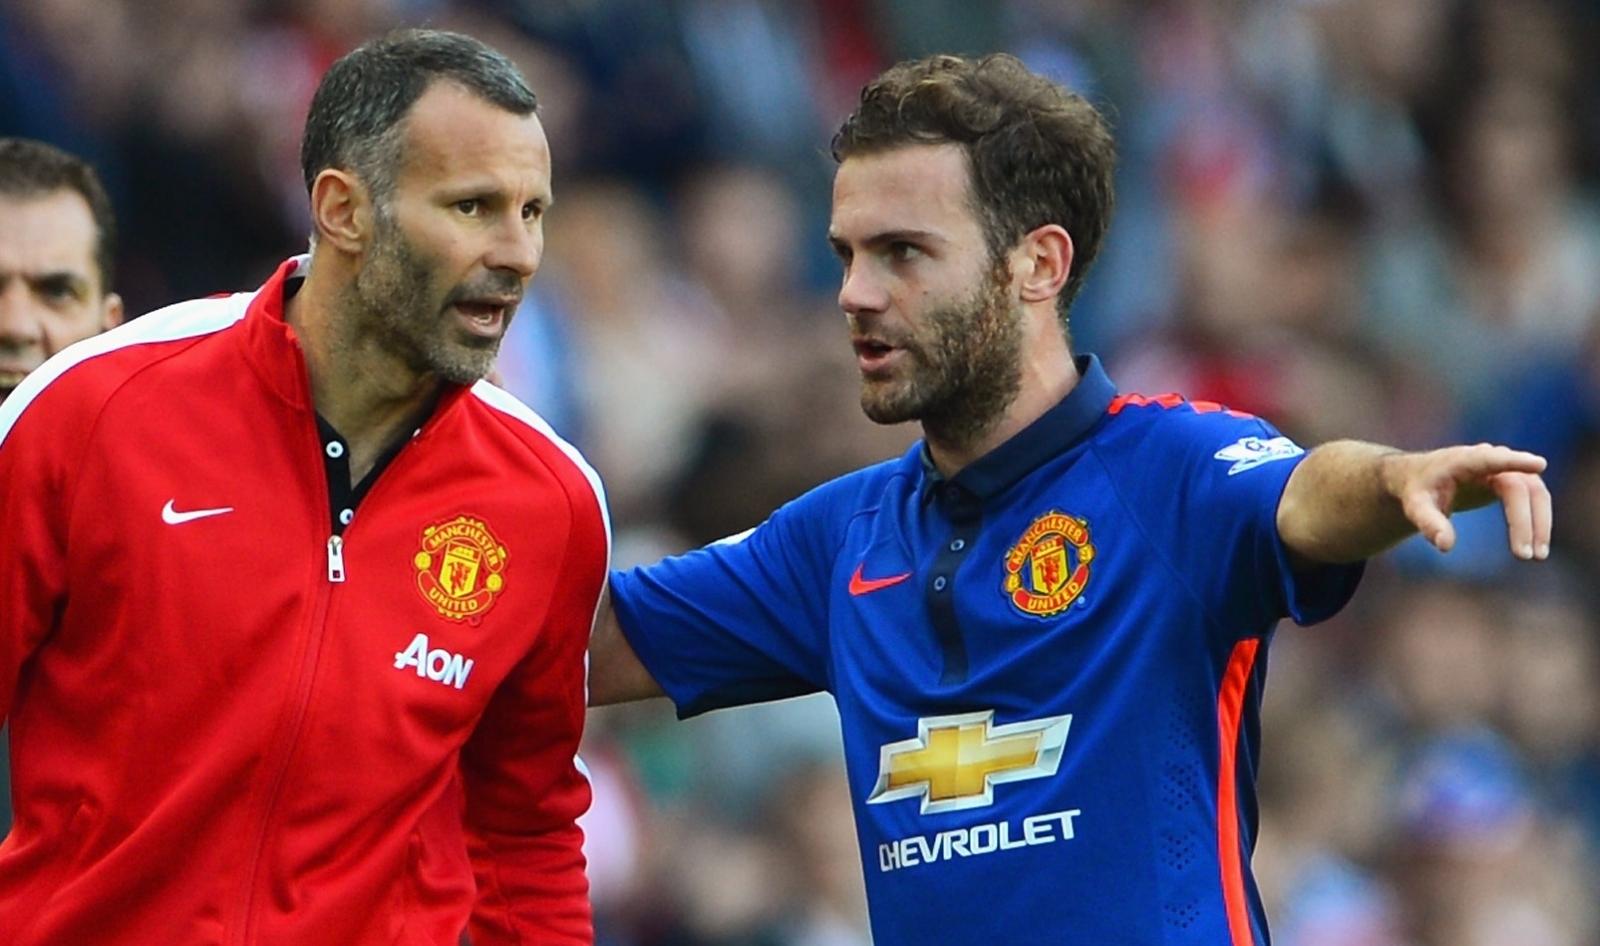 Juan Mata and Ryan Giggs